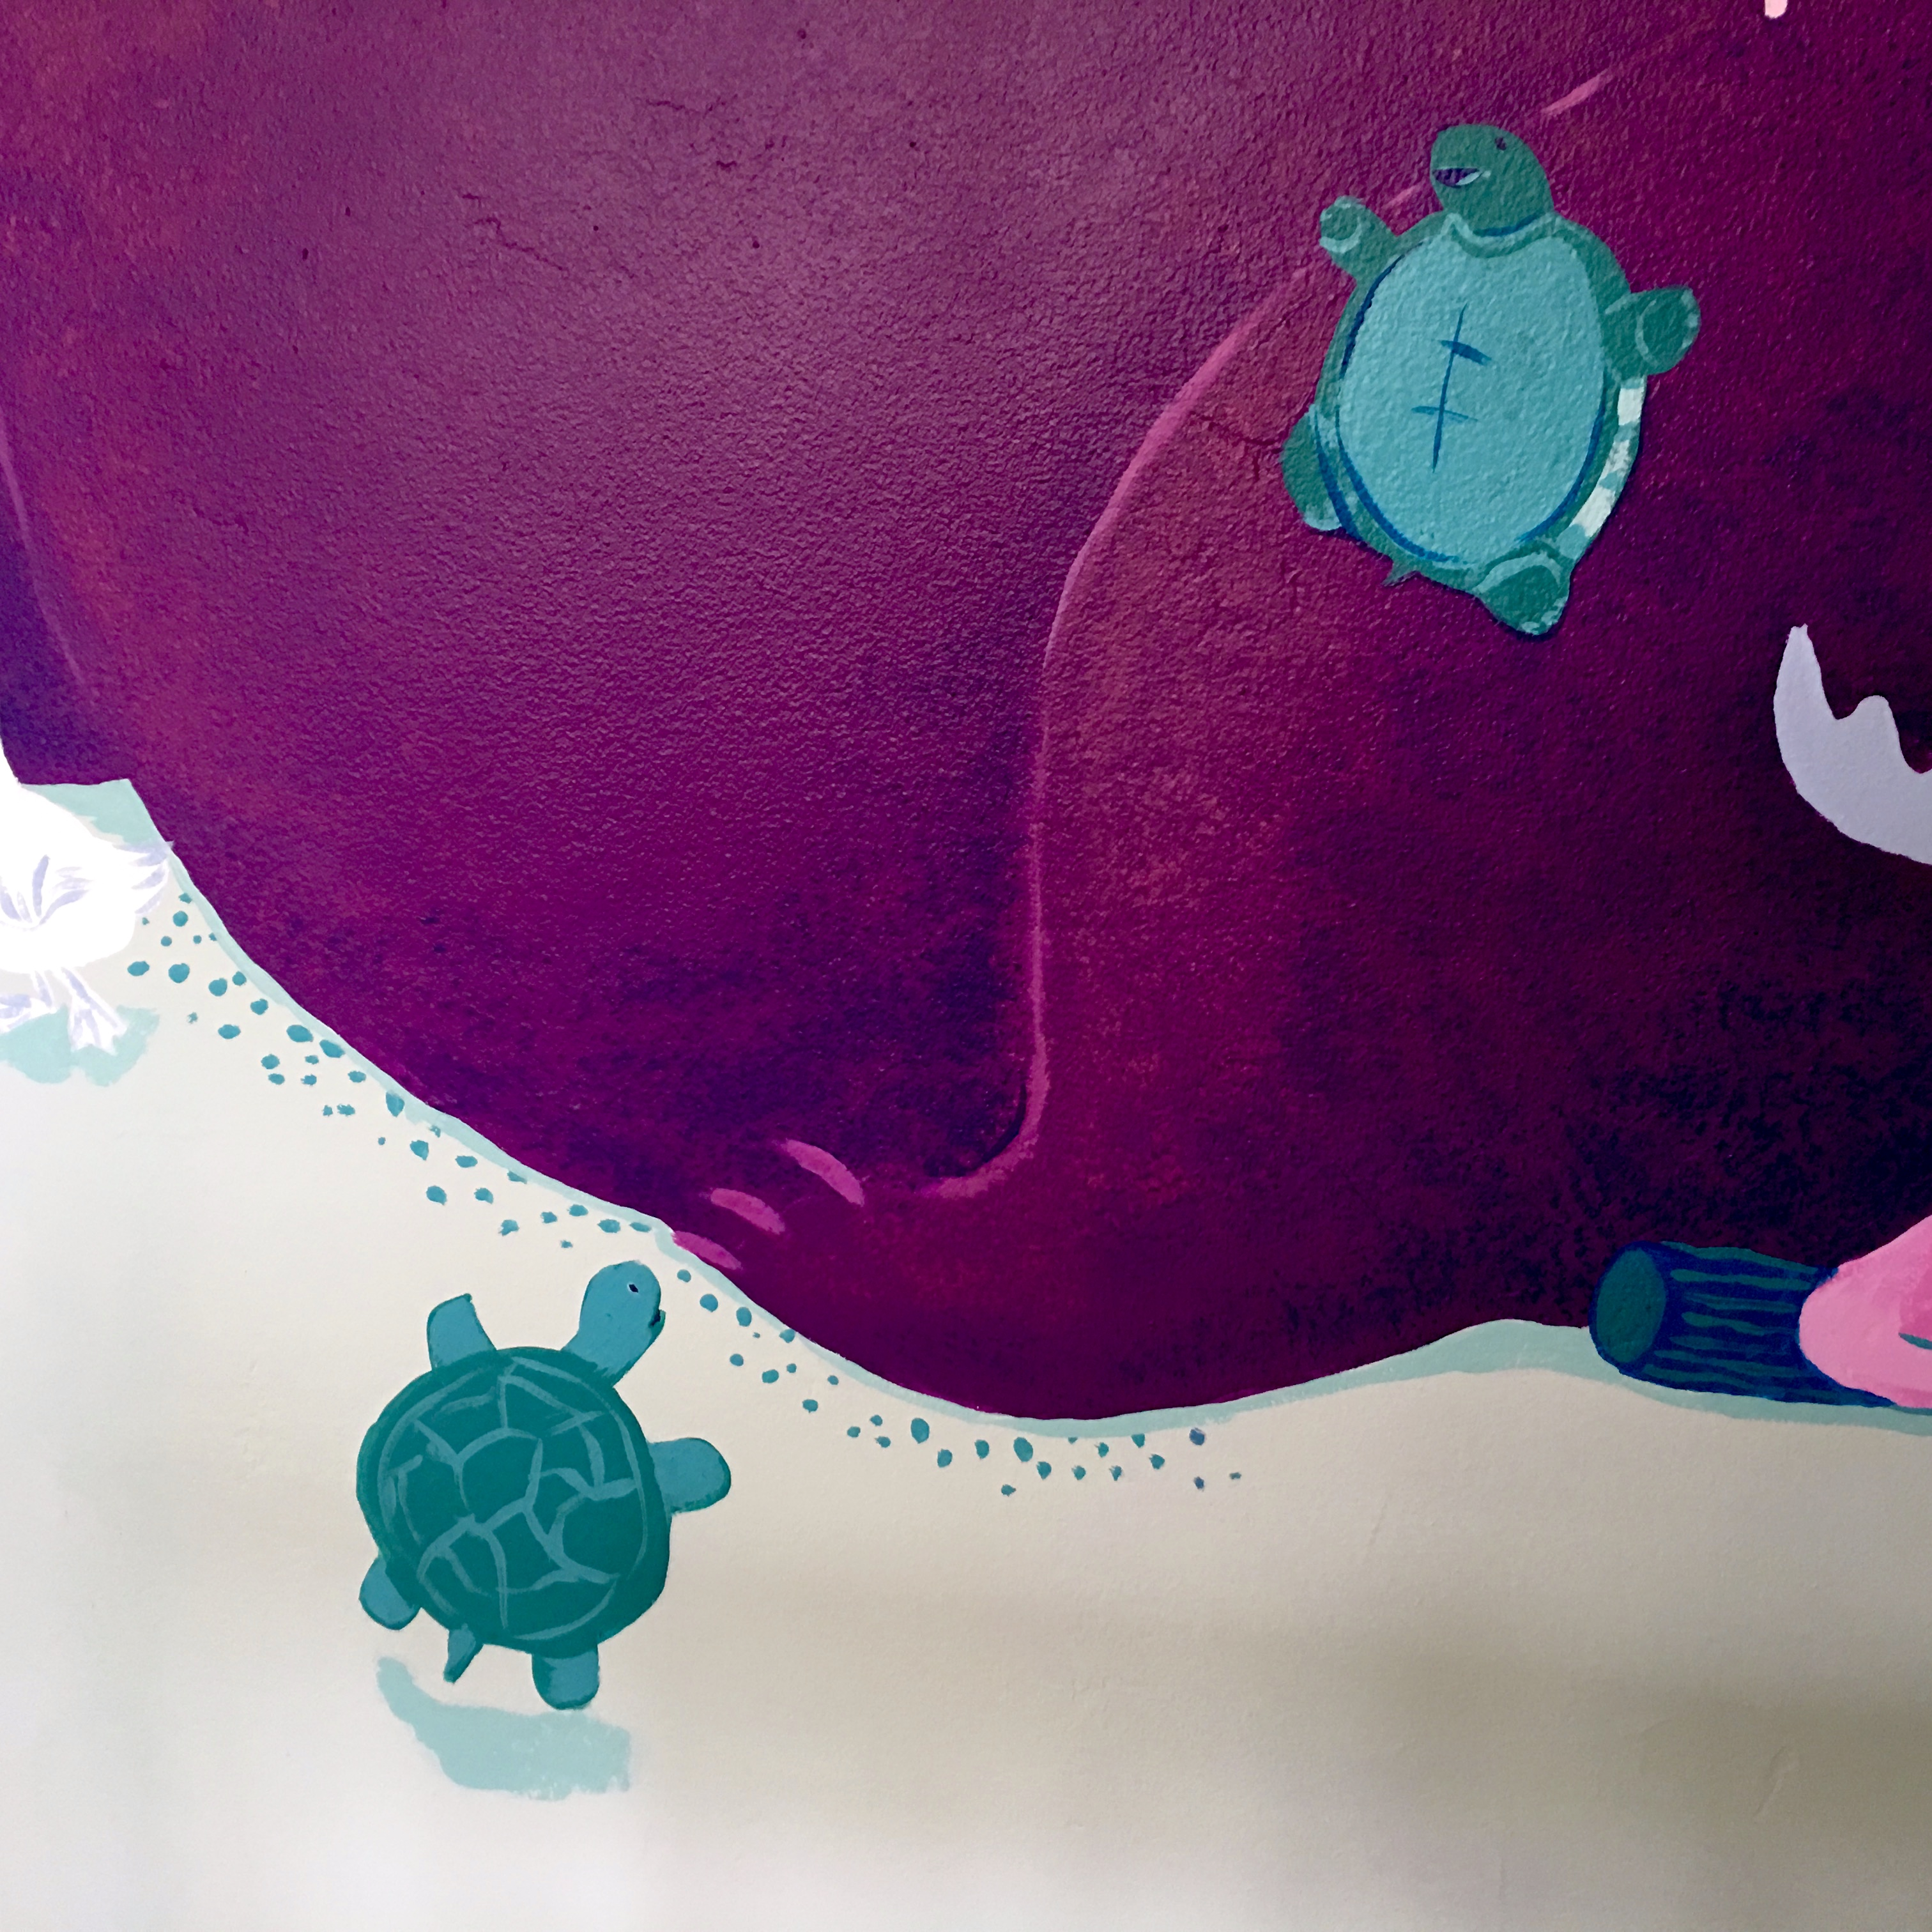 mural detail: turtles sliding on bears leg